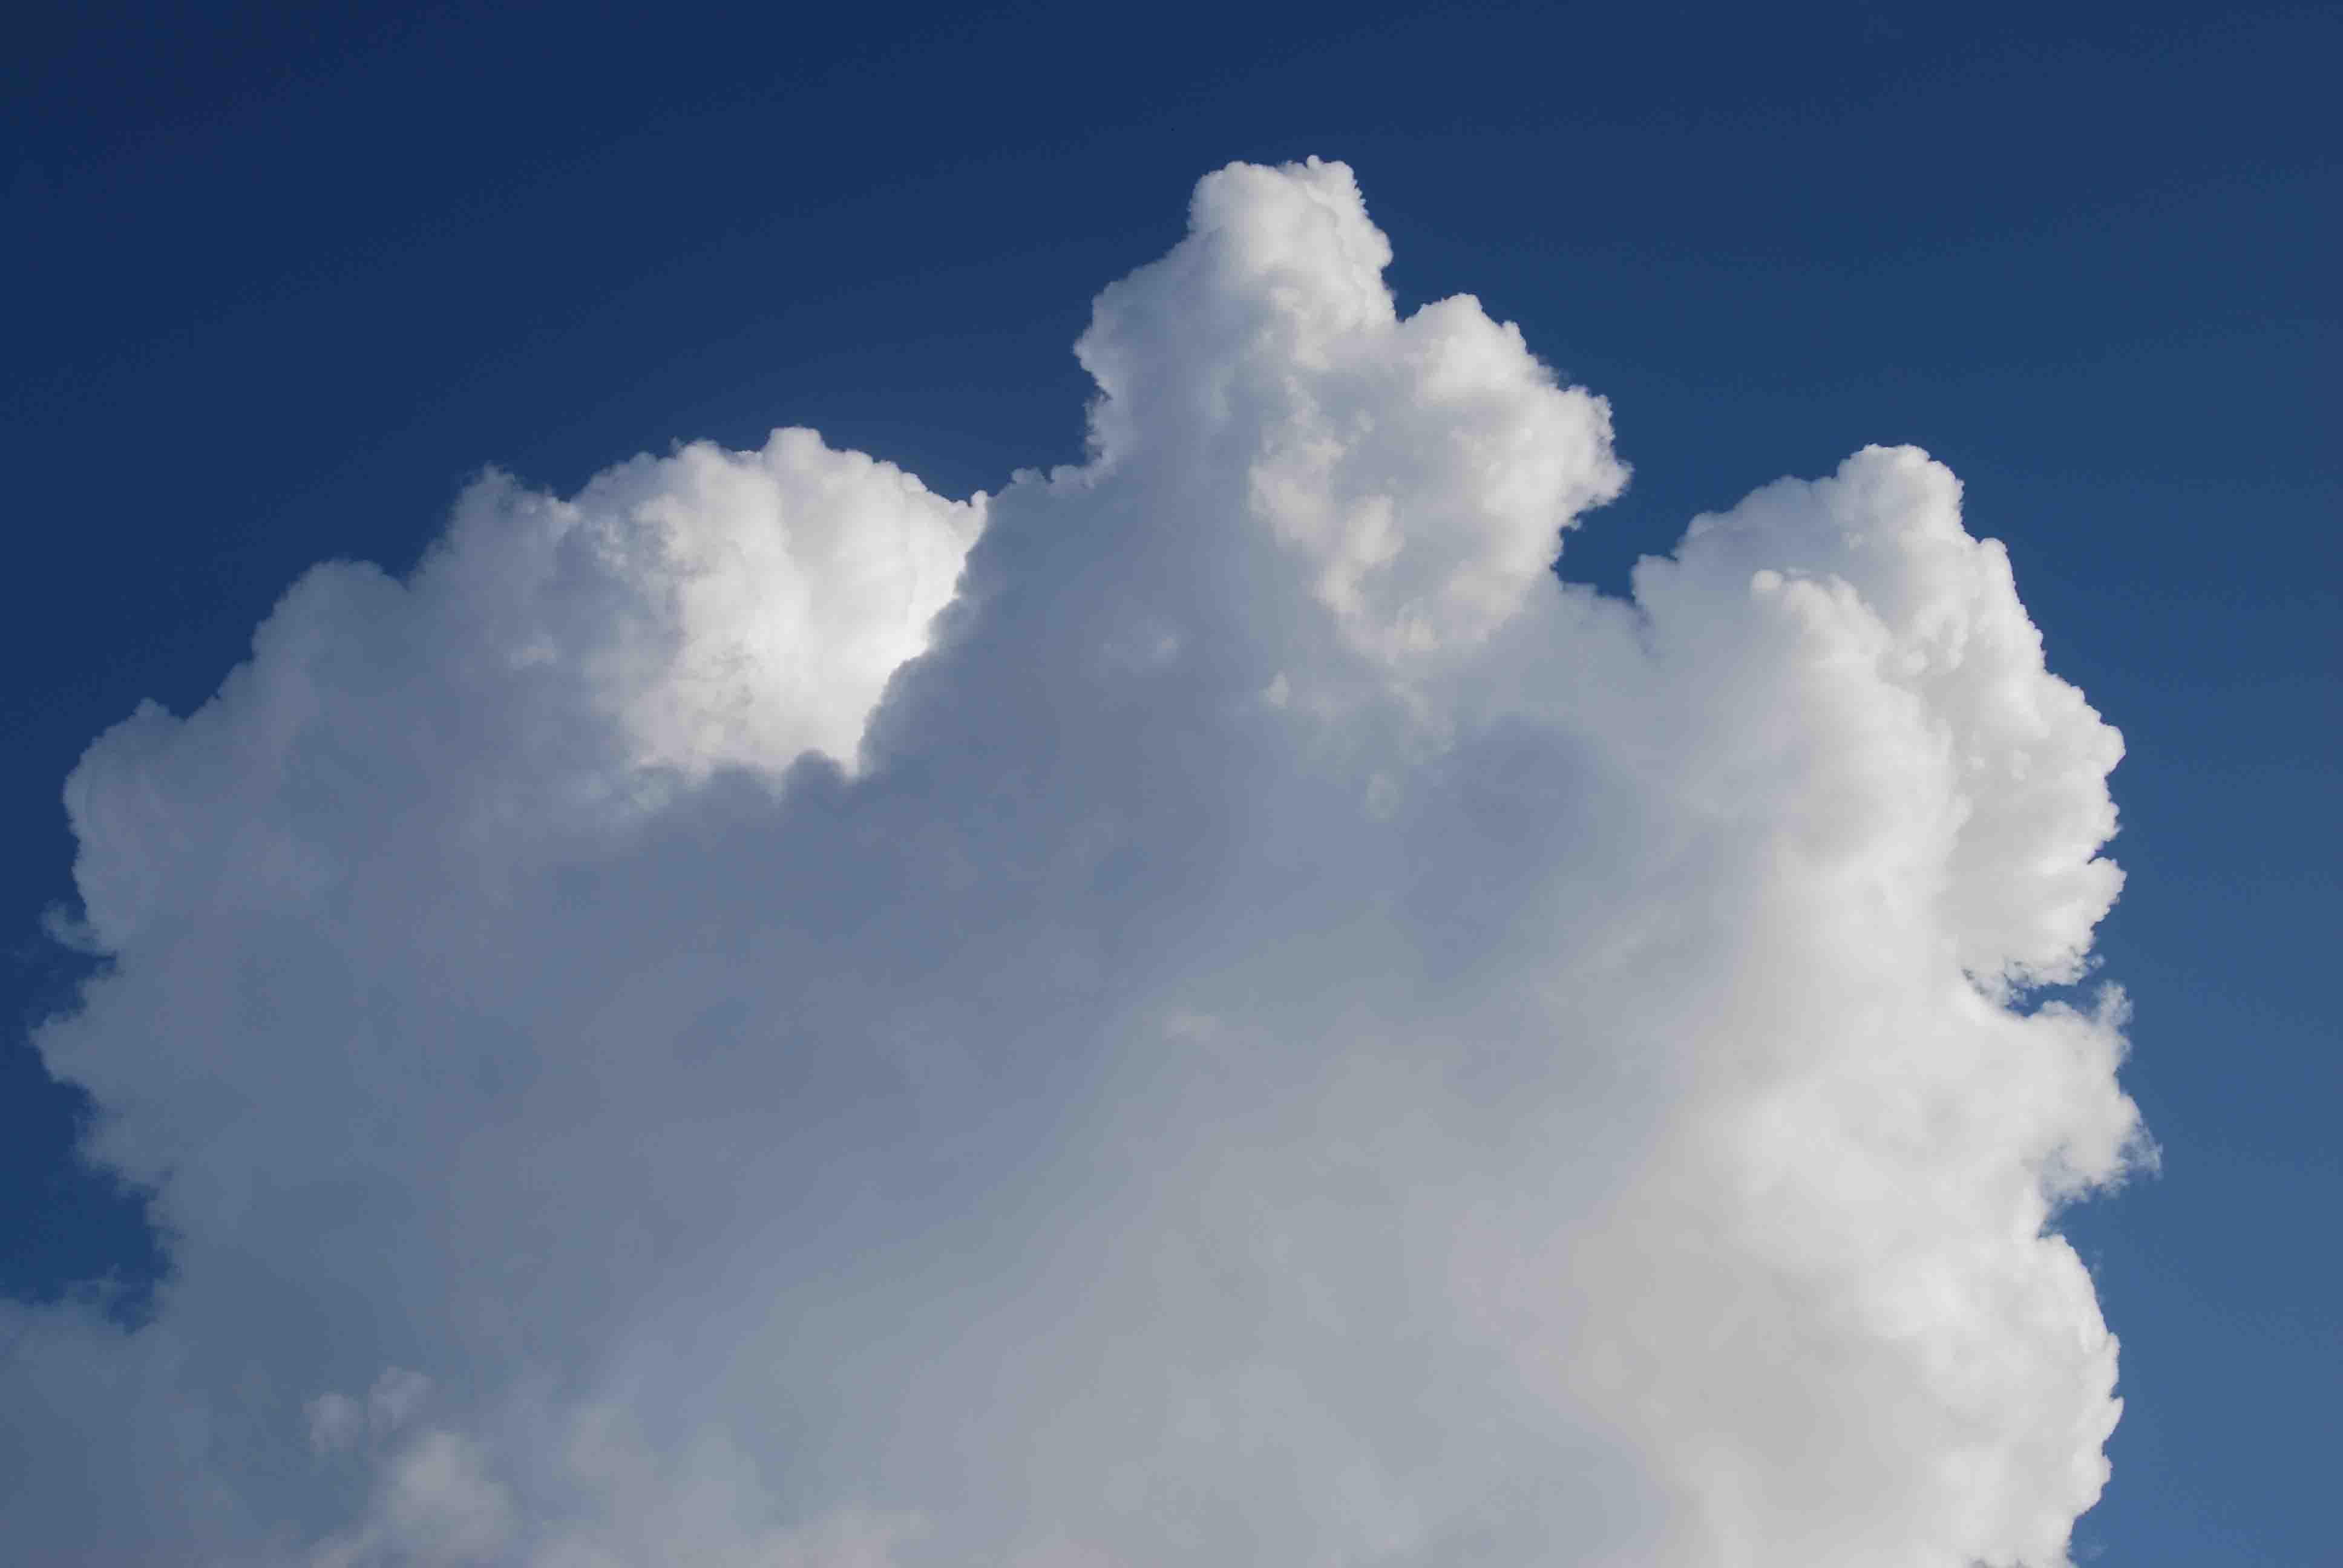 Вот это облако!. Блиц: небо